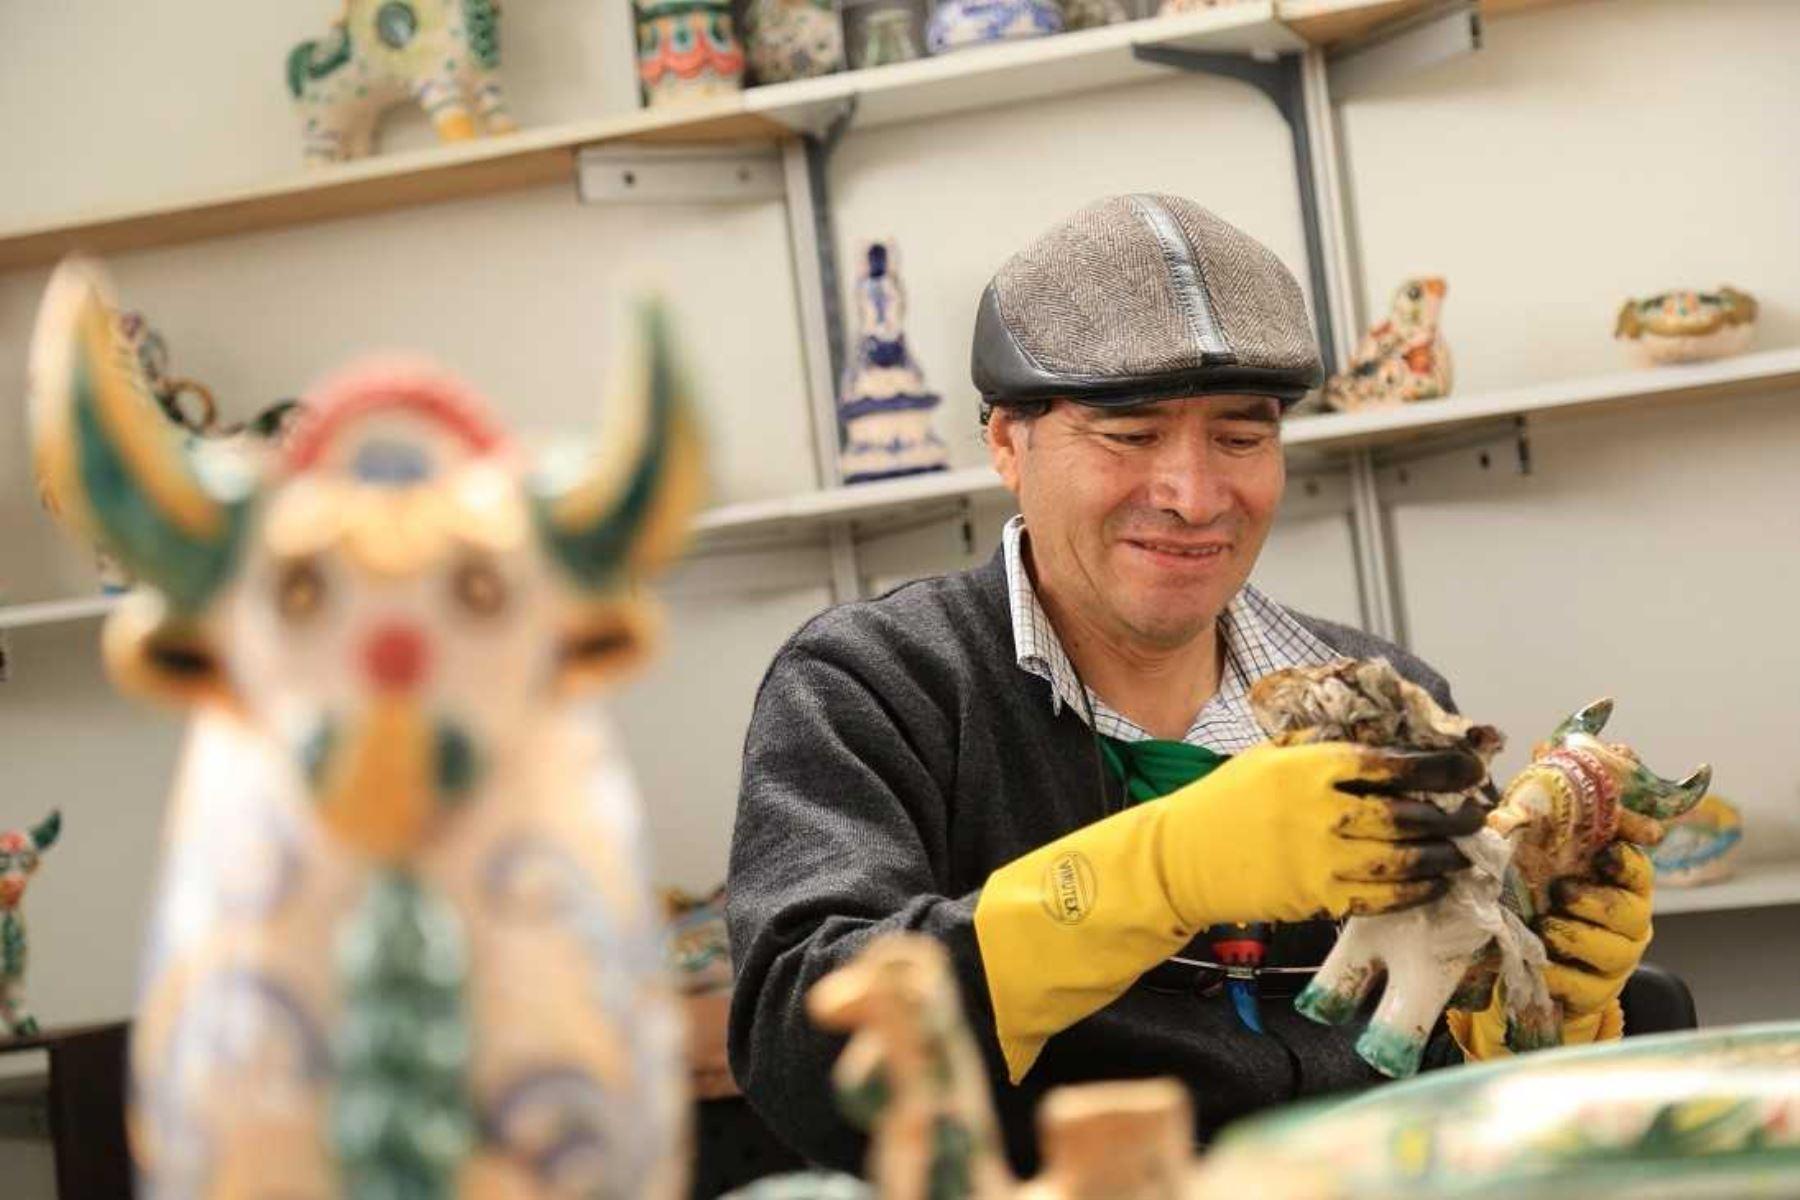 El Ministerio de Comercio Exterior y Turismo (Mincetur) anunció que se encuentran abiertas las inscripciones para postular al Premio Nacional Amautas de la Artesanía Peruana, uno de los reconocimientos más importantes que otorga el Estado a los artesanos más destacados del país. Foto: ANDINA/Difusión.